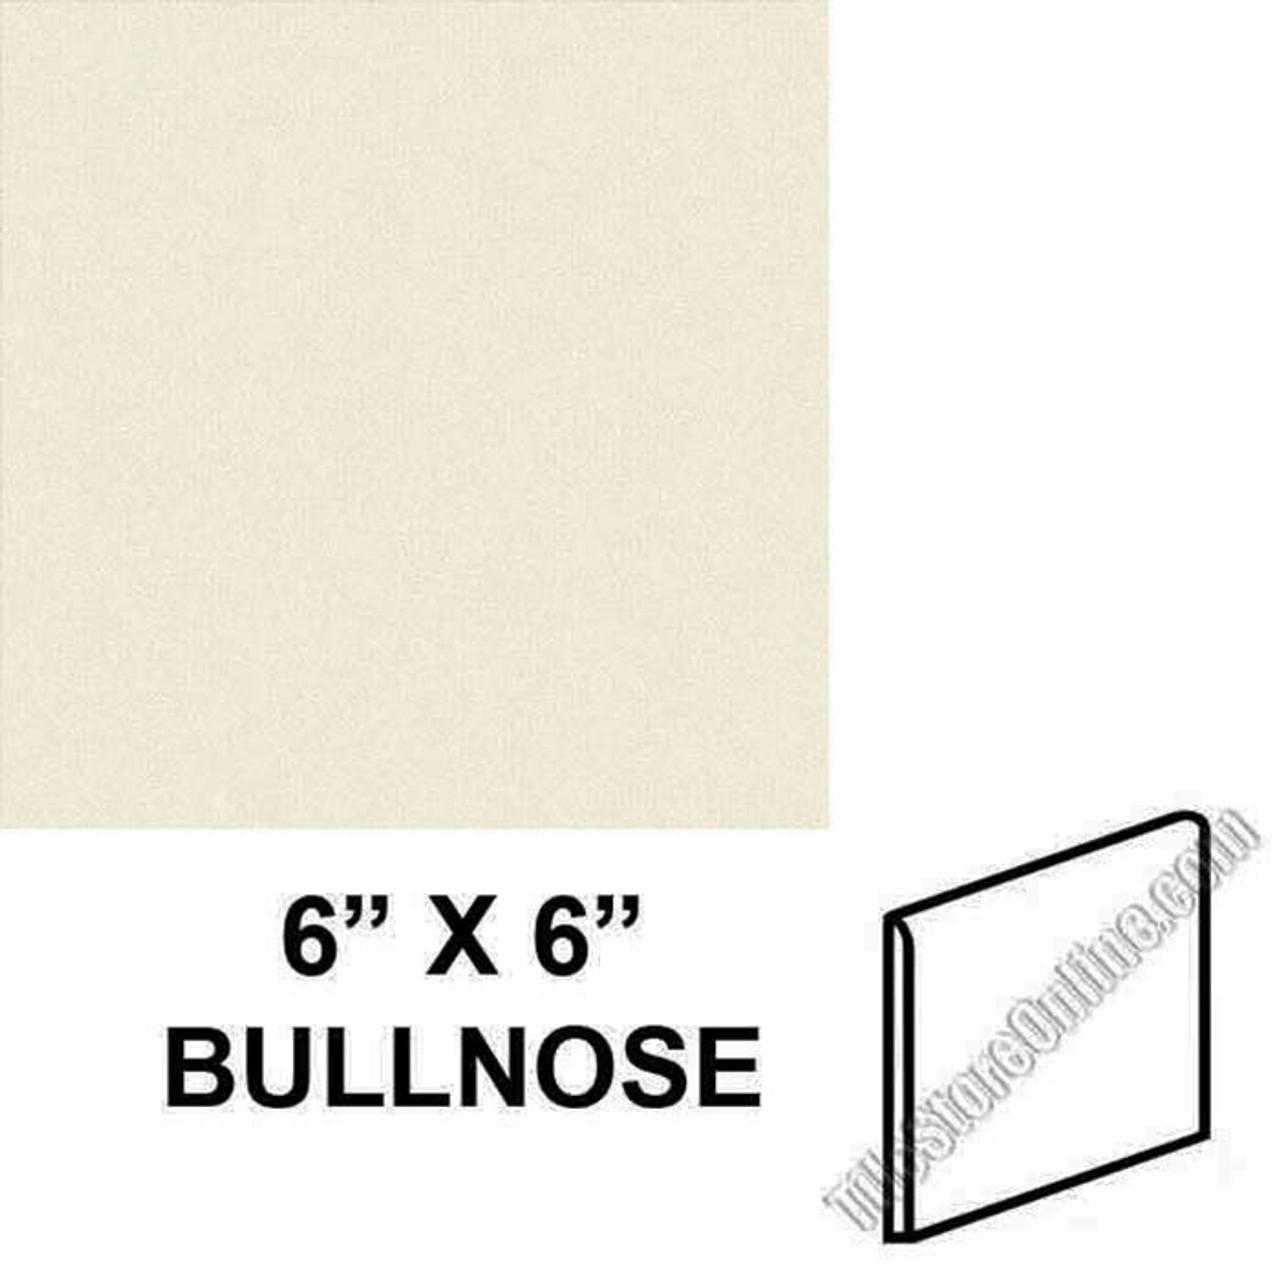 daltile 0135 almond 6 x 6 bullnose s4669 dal tile ceramic trim tile